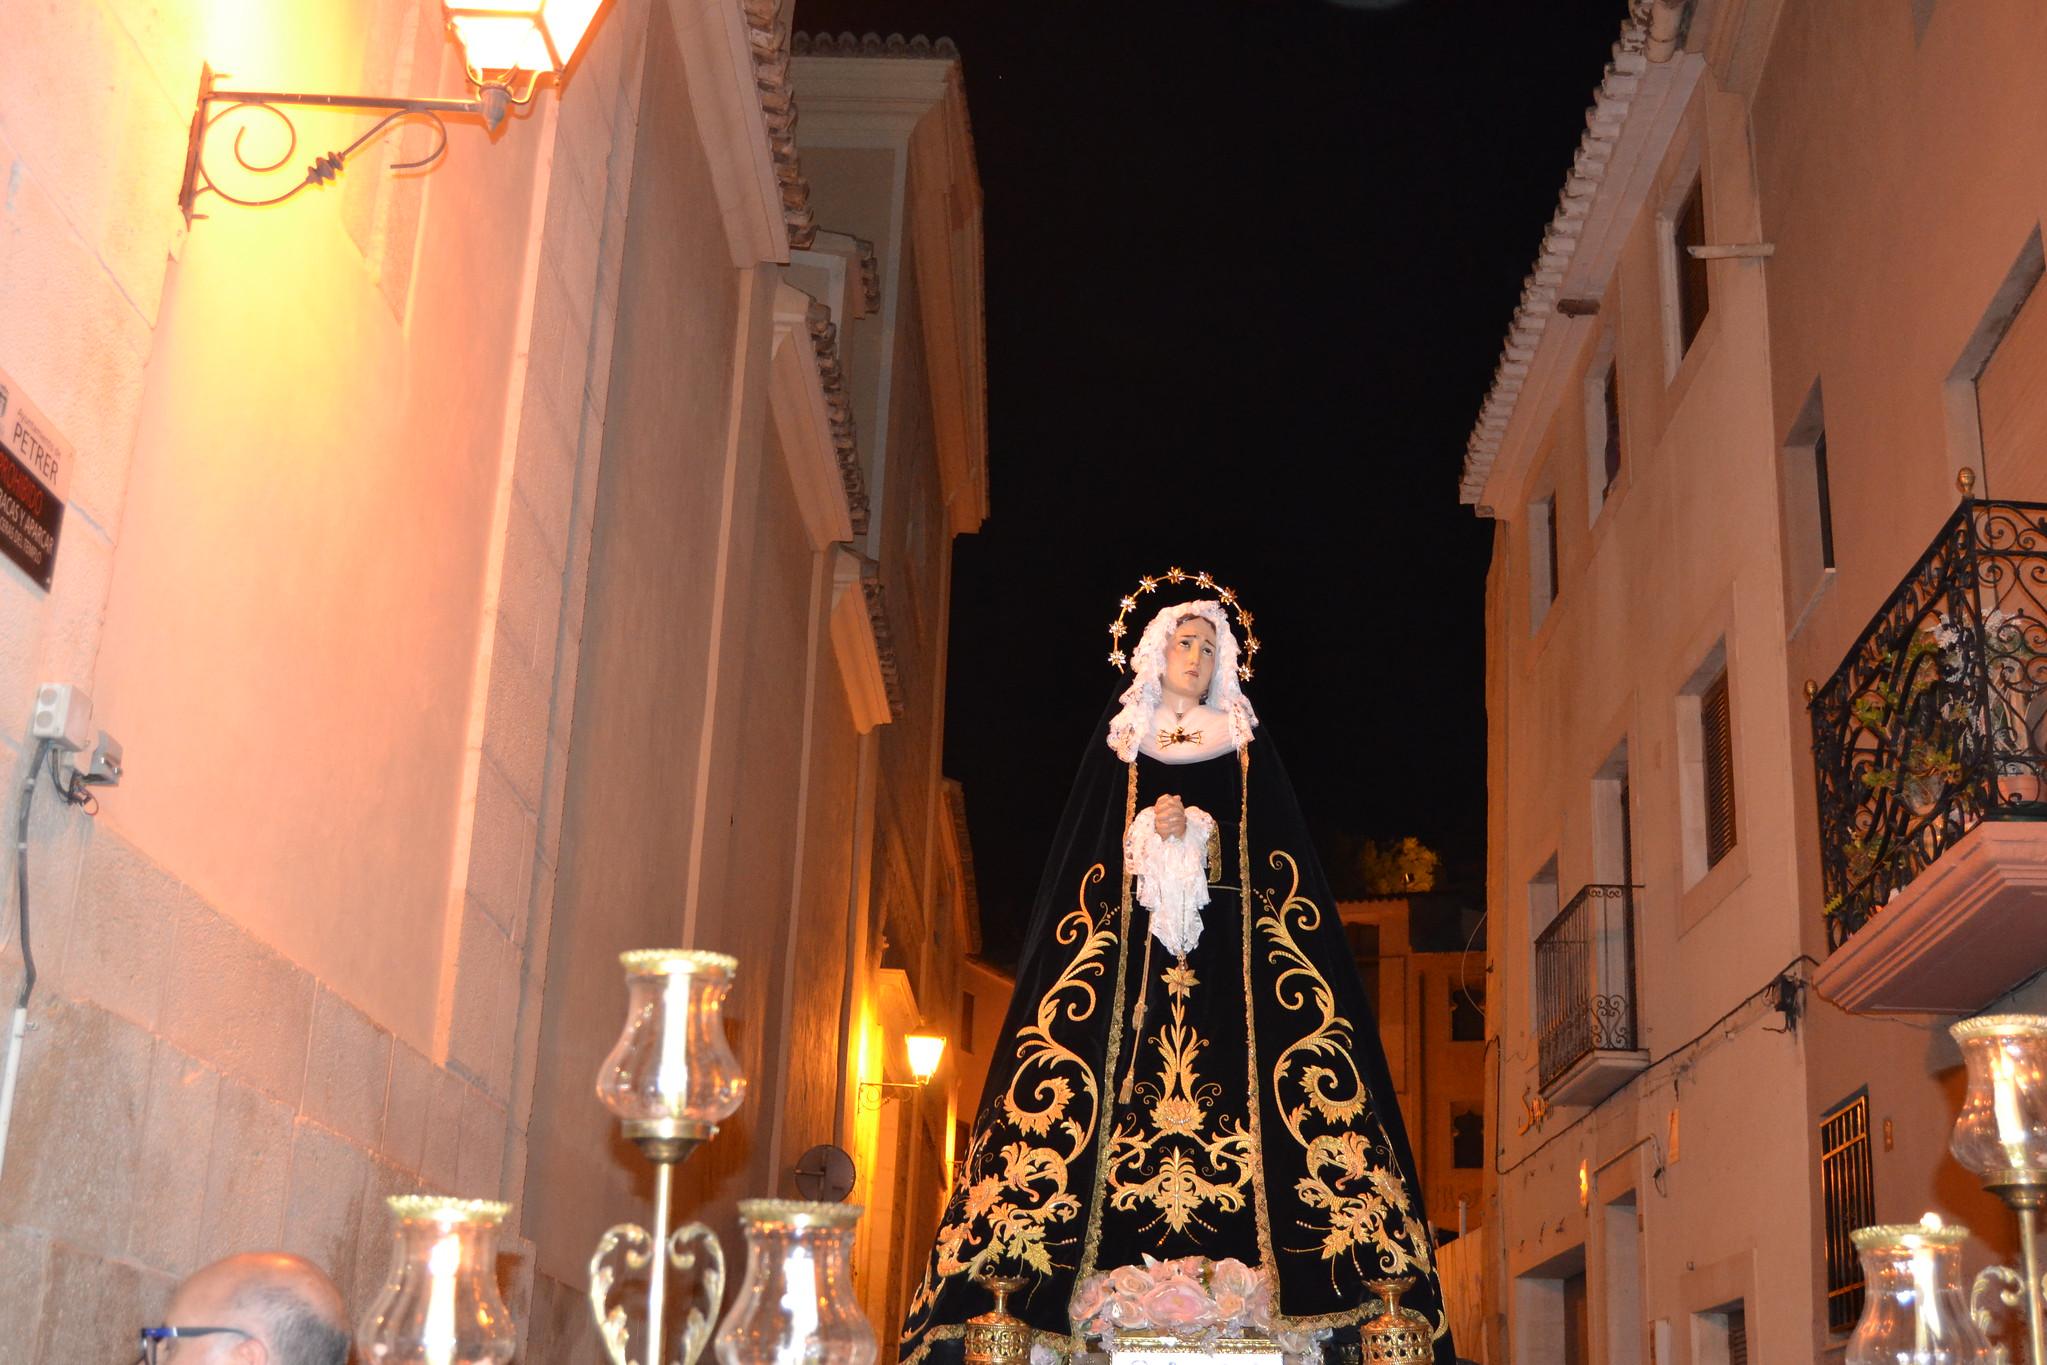 (2019-04-12) - X Vía Crucis nocturno - Diario El Carrer (11)